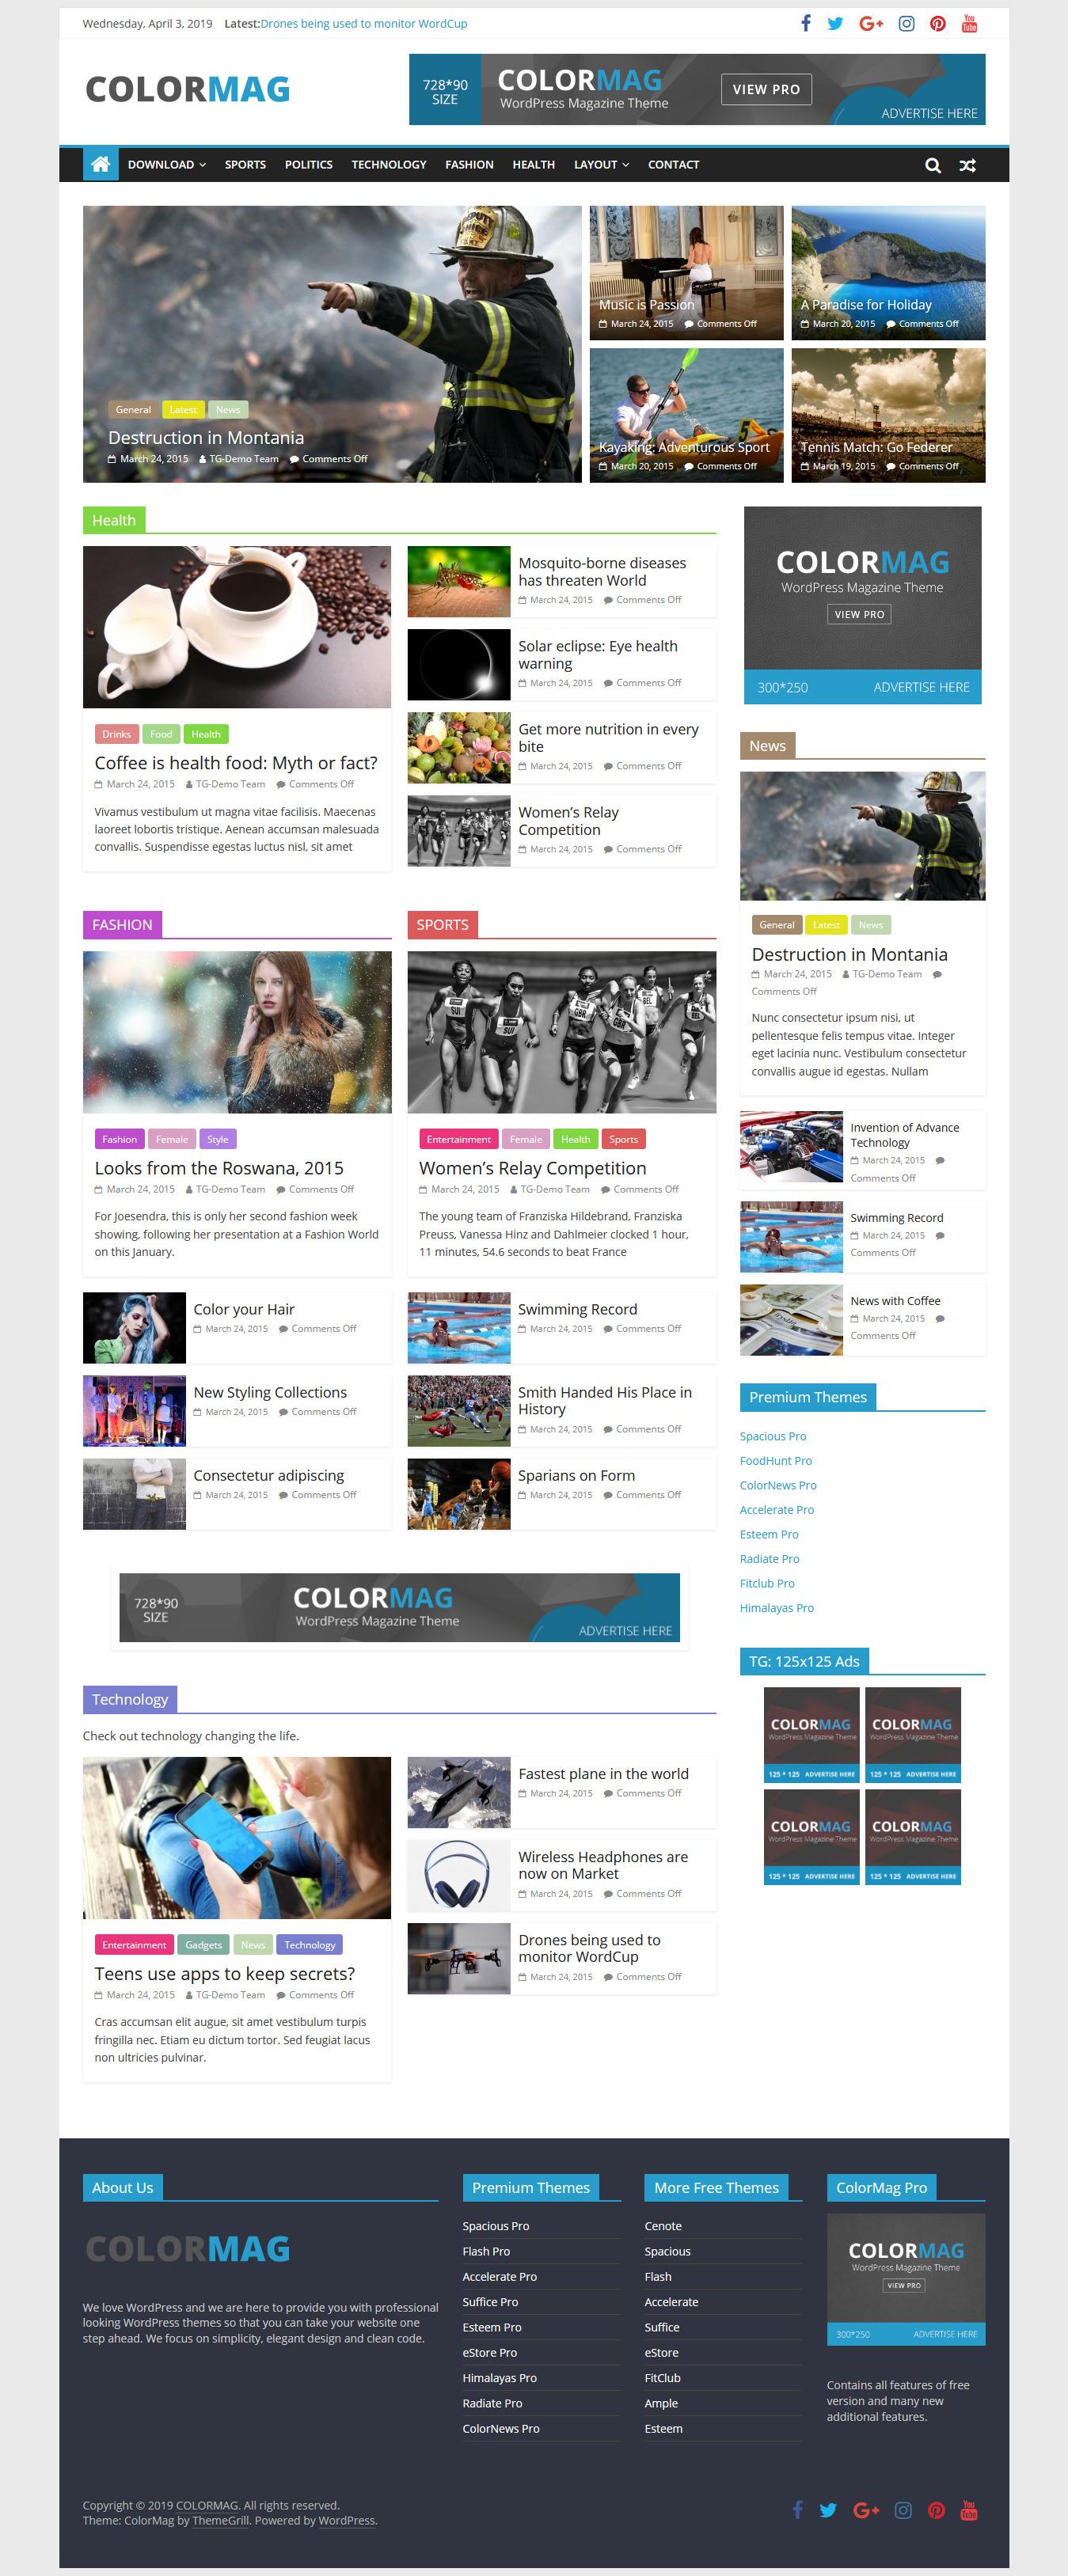 ColorMag - Mejor tema de WordPress de revisión gratuita